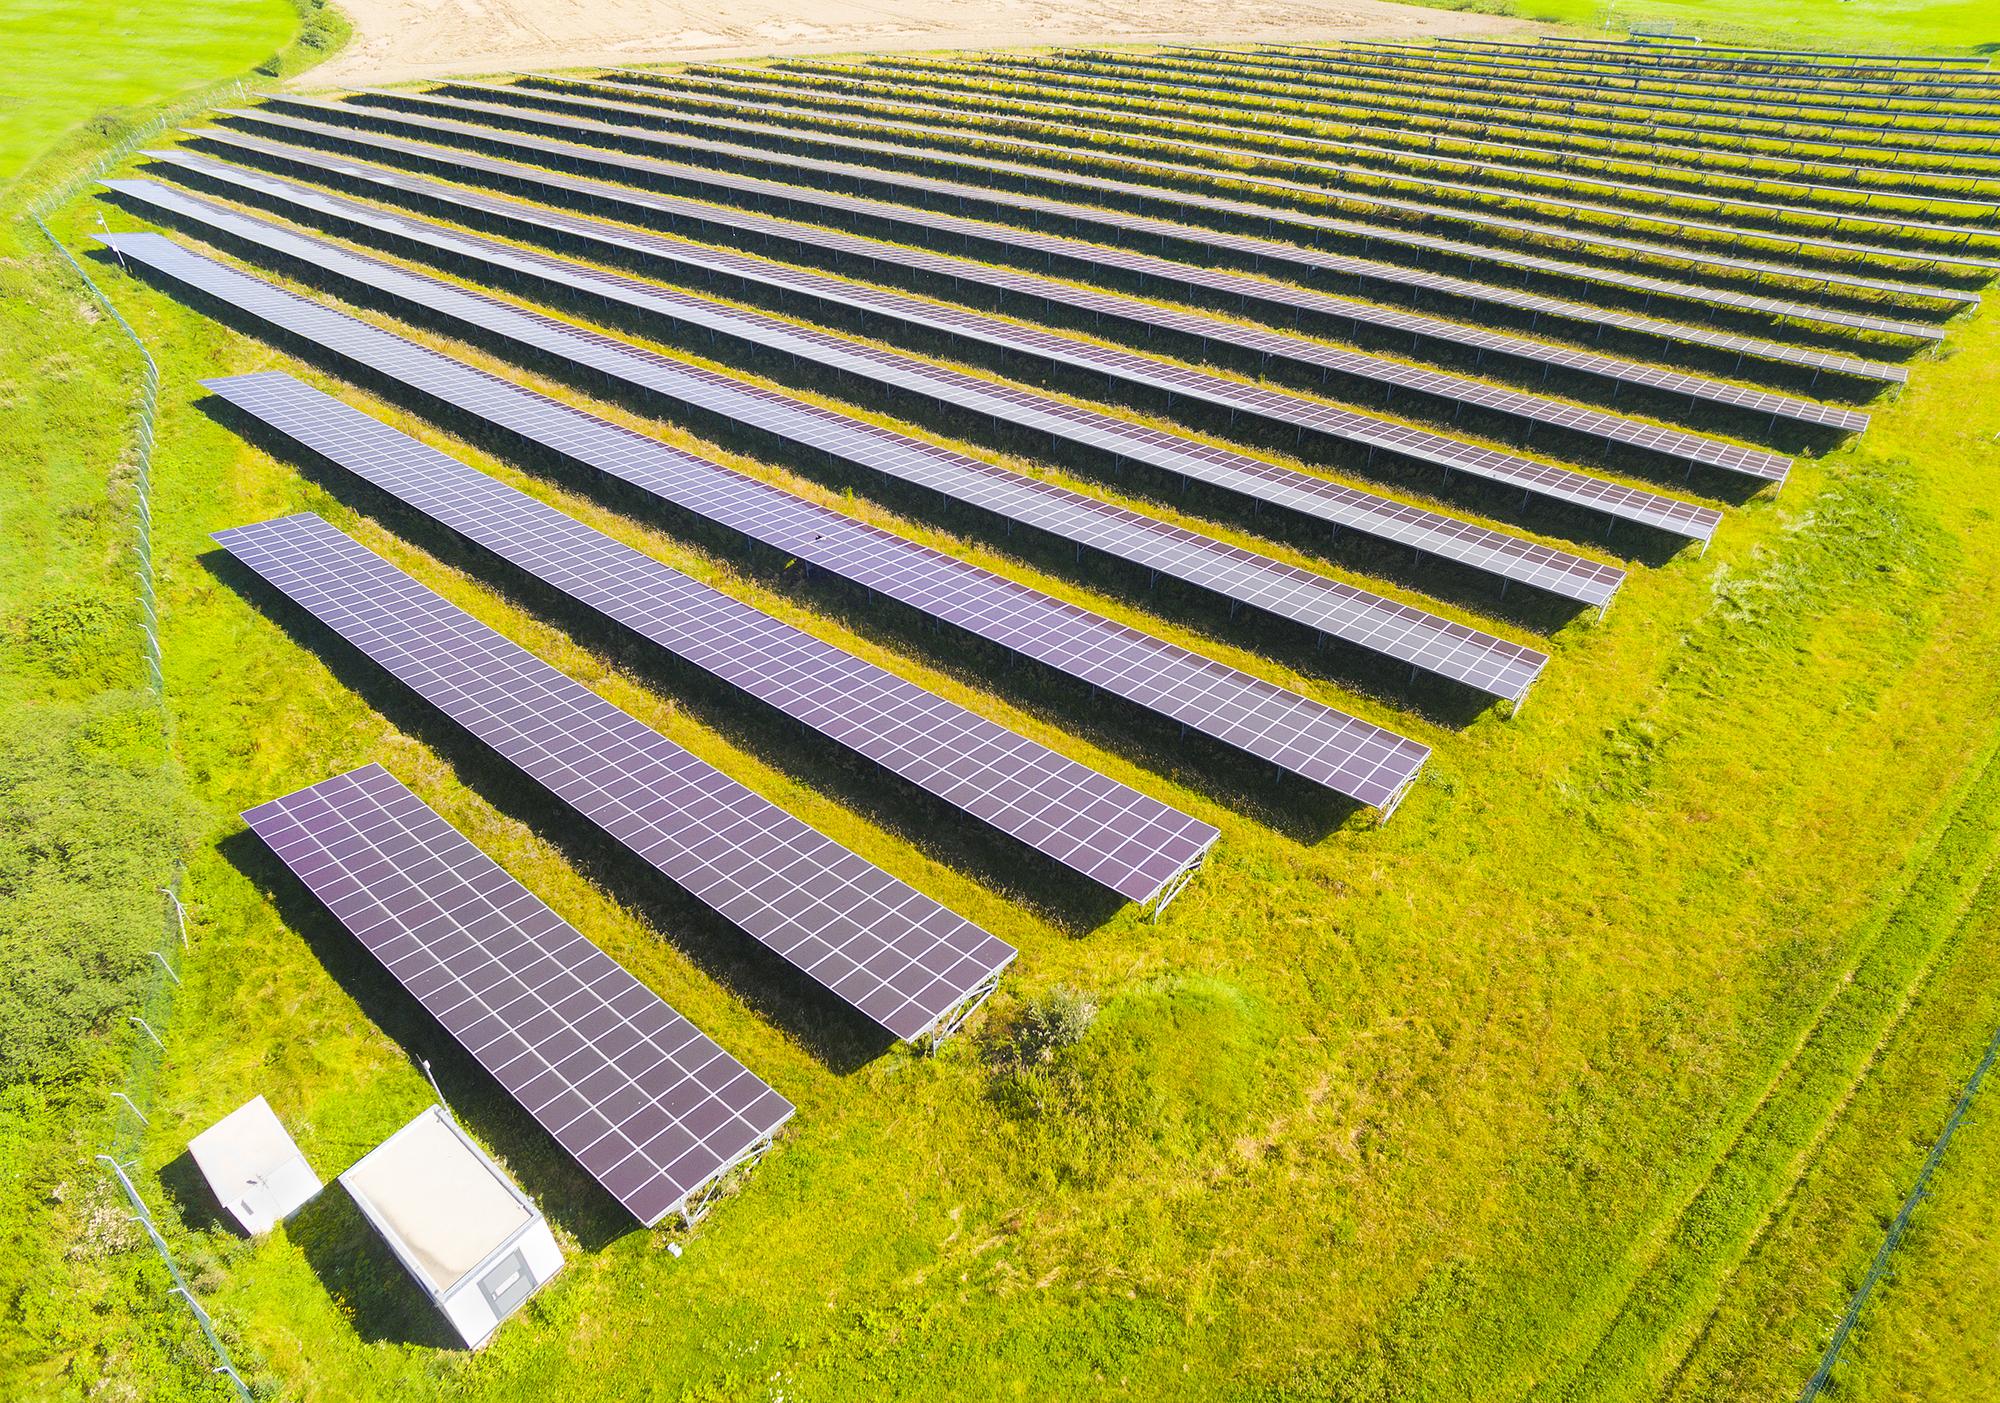 fotovoltaico sul terreno agricolo